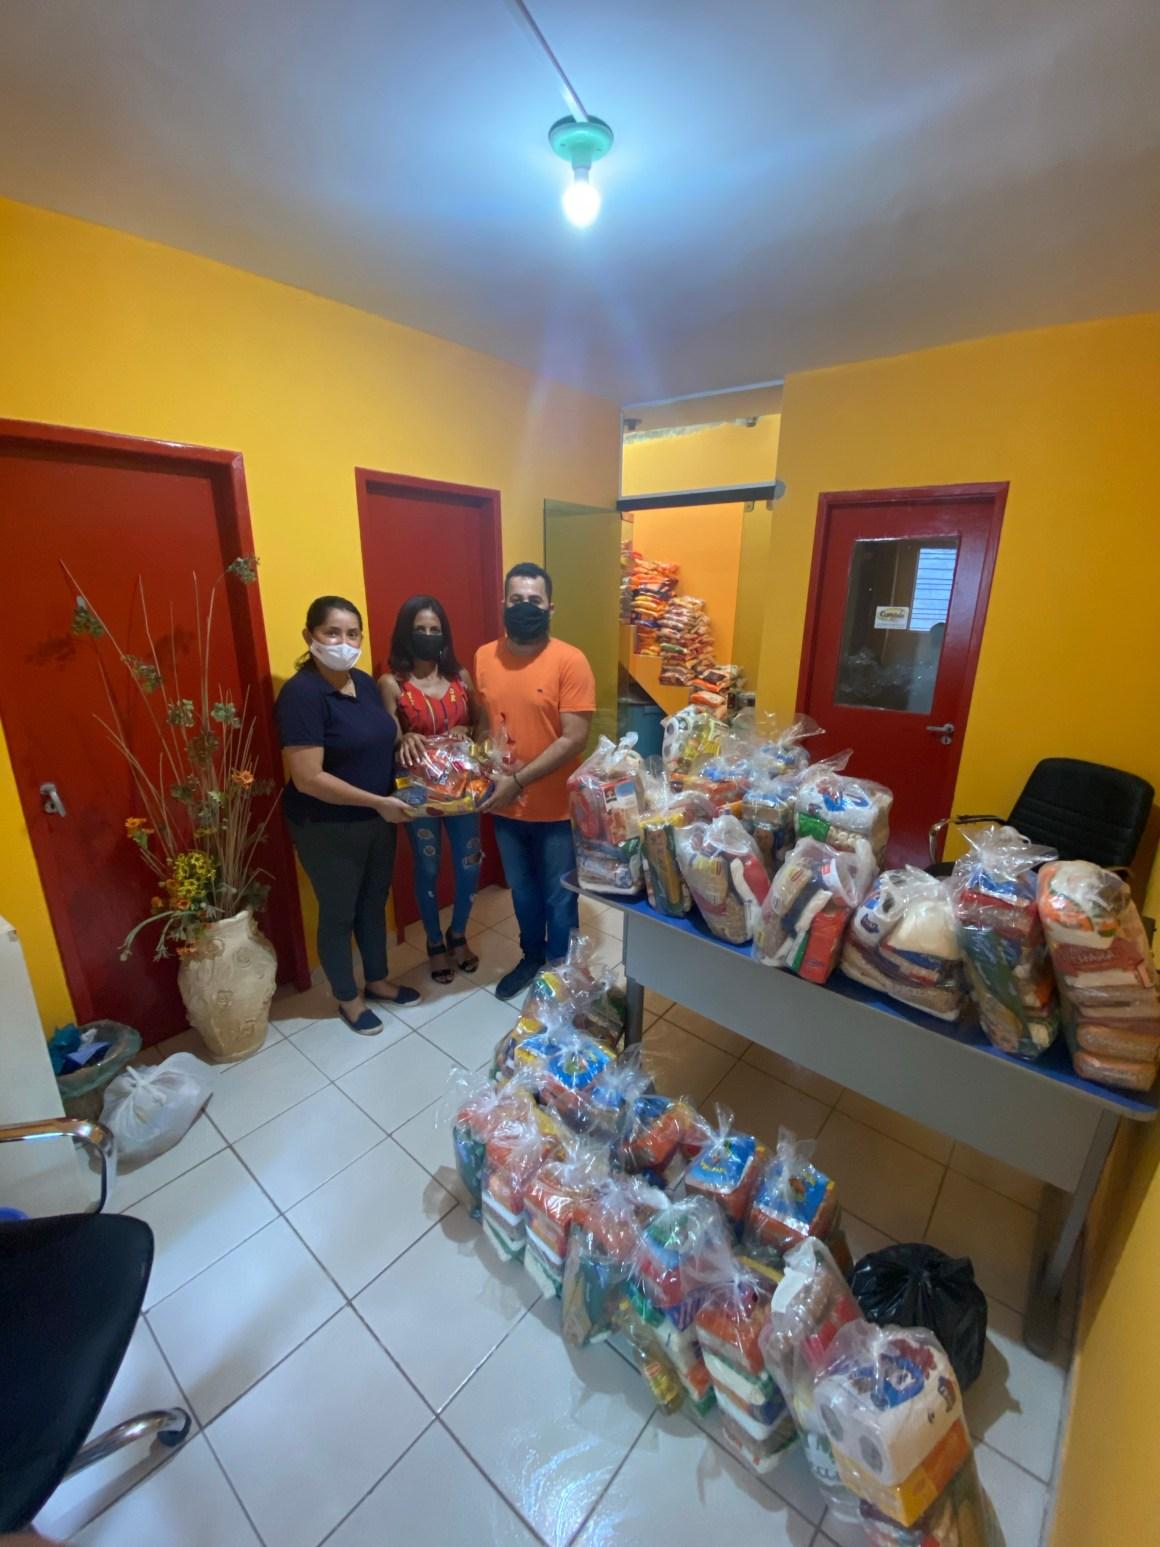 Rádio Clima FM arrecada mais de 1 tonelada de alimentos e R$ 1,9 mil que serão doados para a comunidade carente da cidade